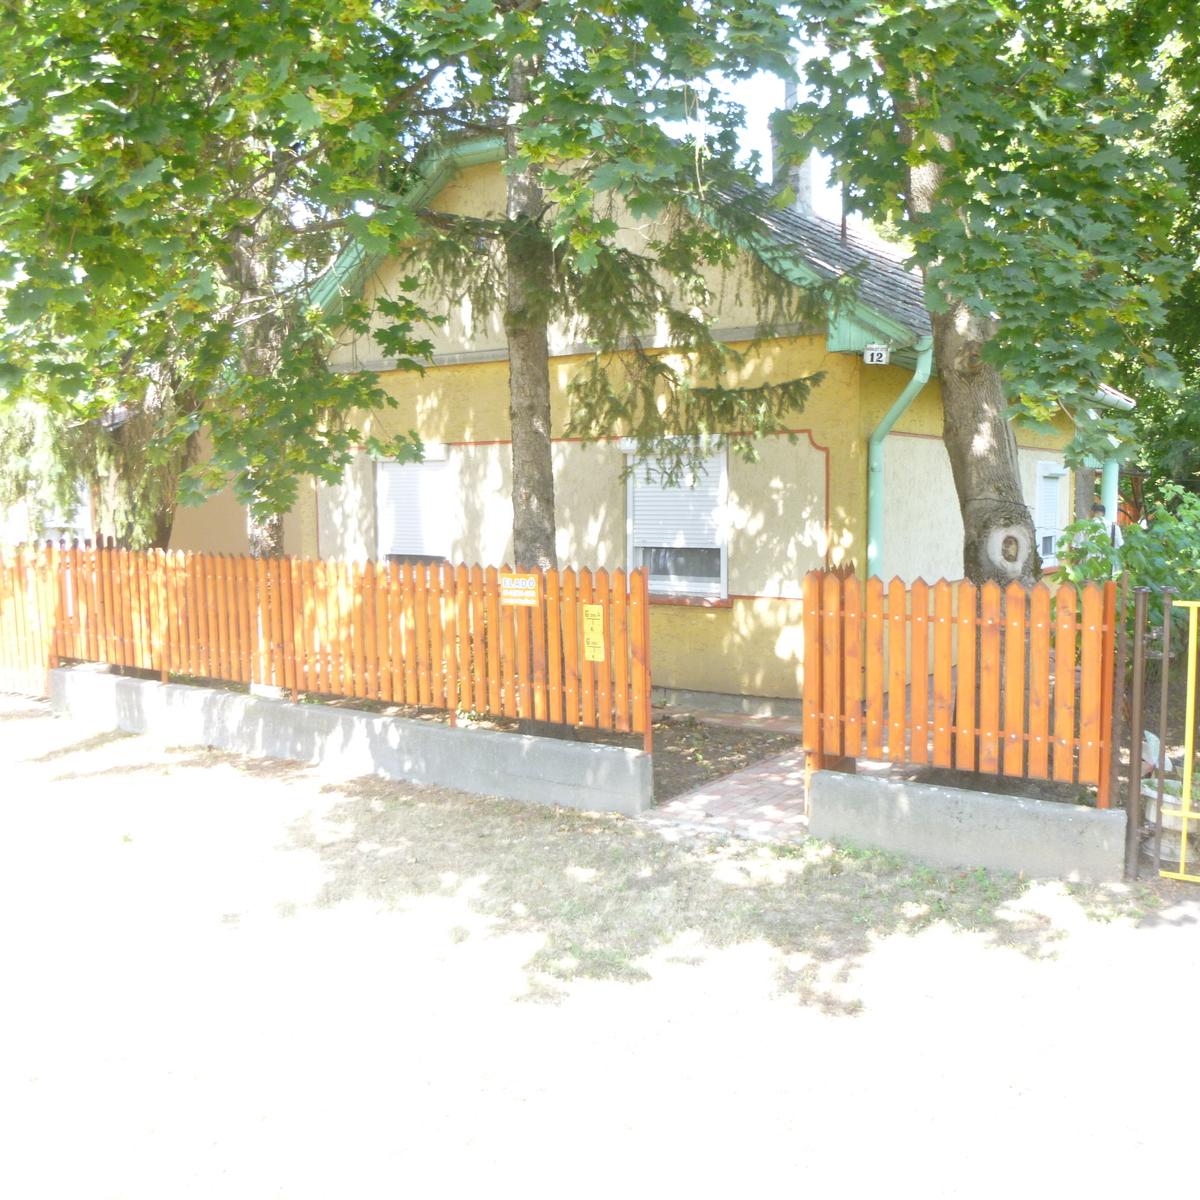 Eladó  nyaraló (Jász-Nagykun-Szolnok megye, Berekfürdő, Haraszt út) 8,7 M  Ft